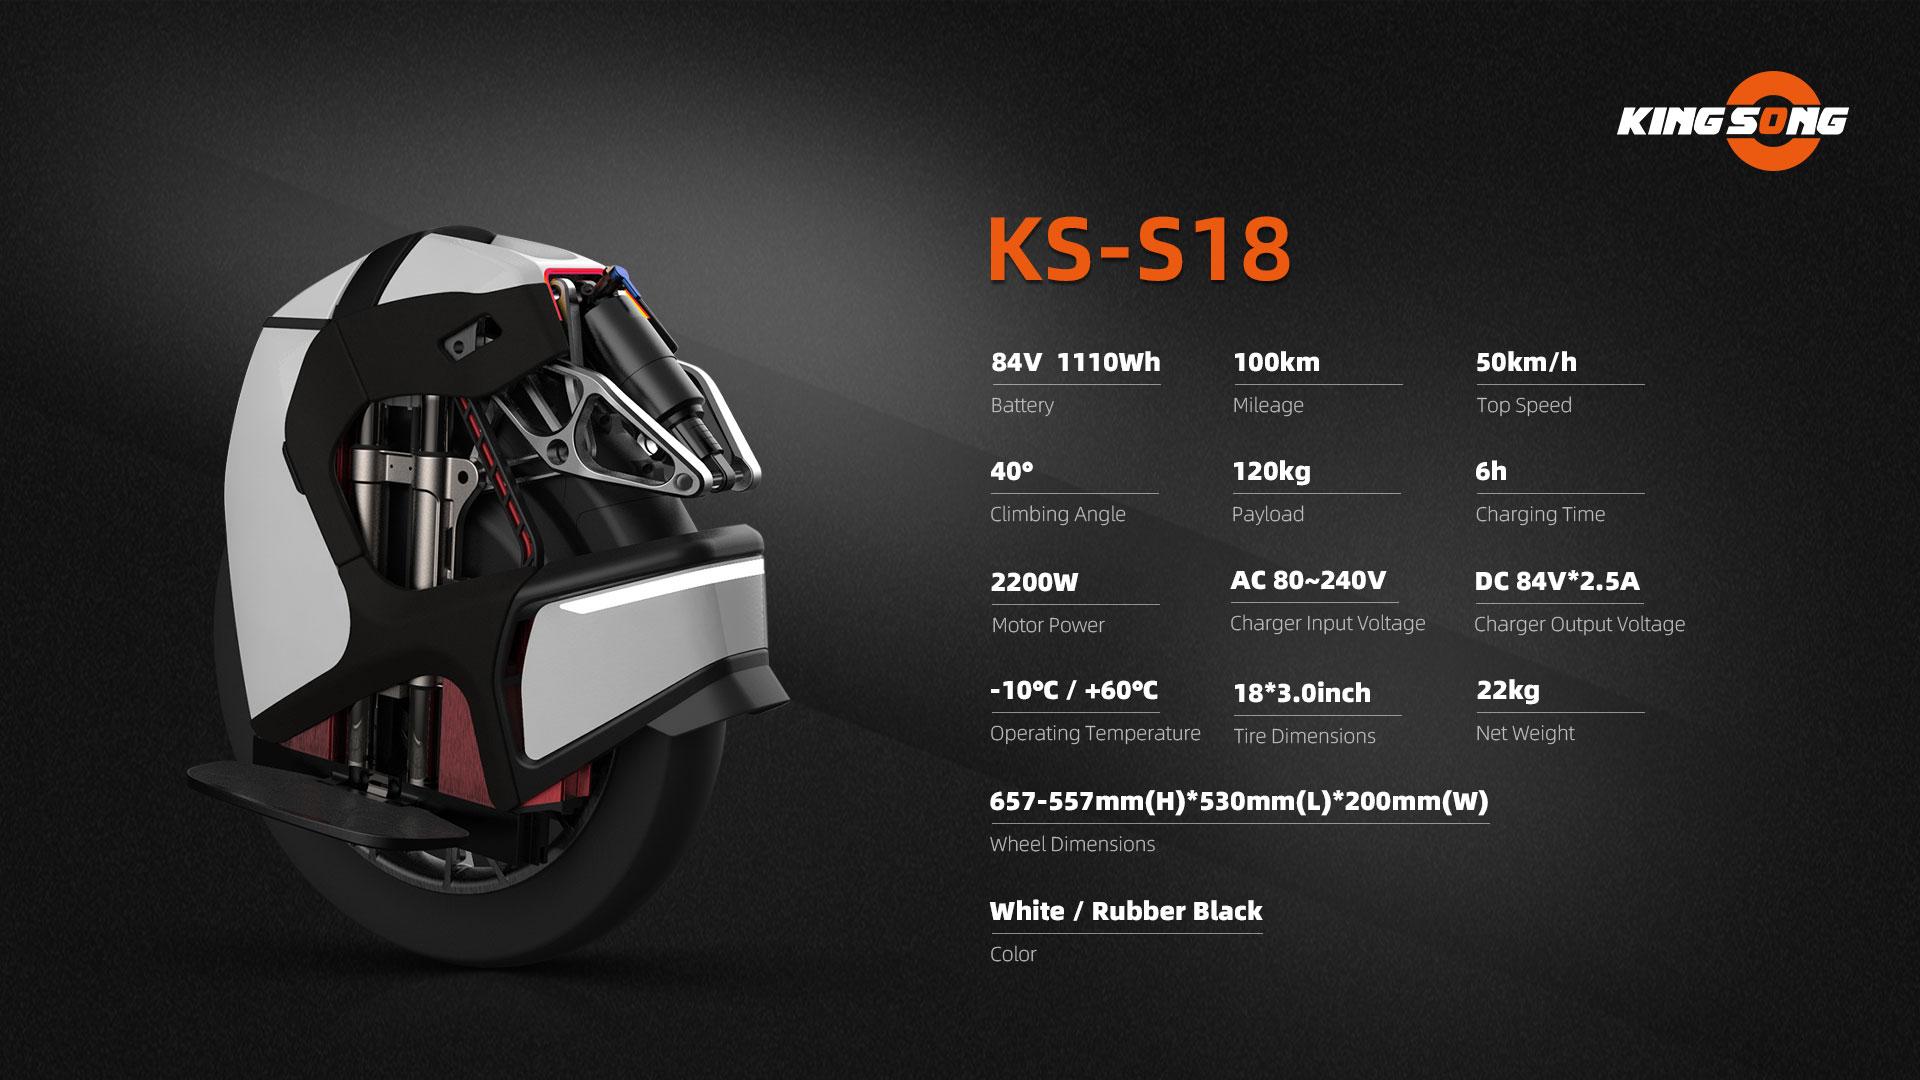 KS-S18